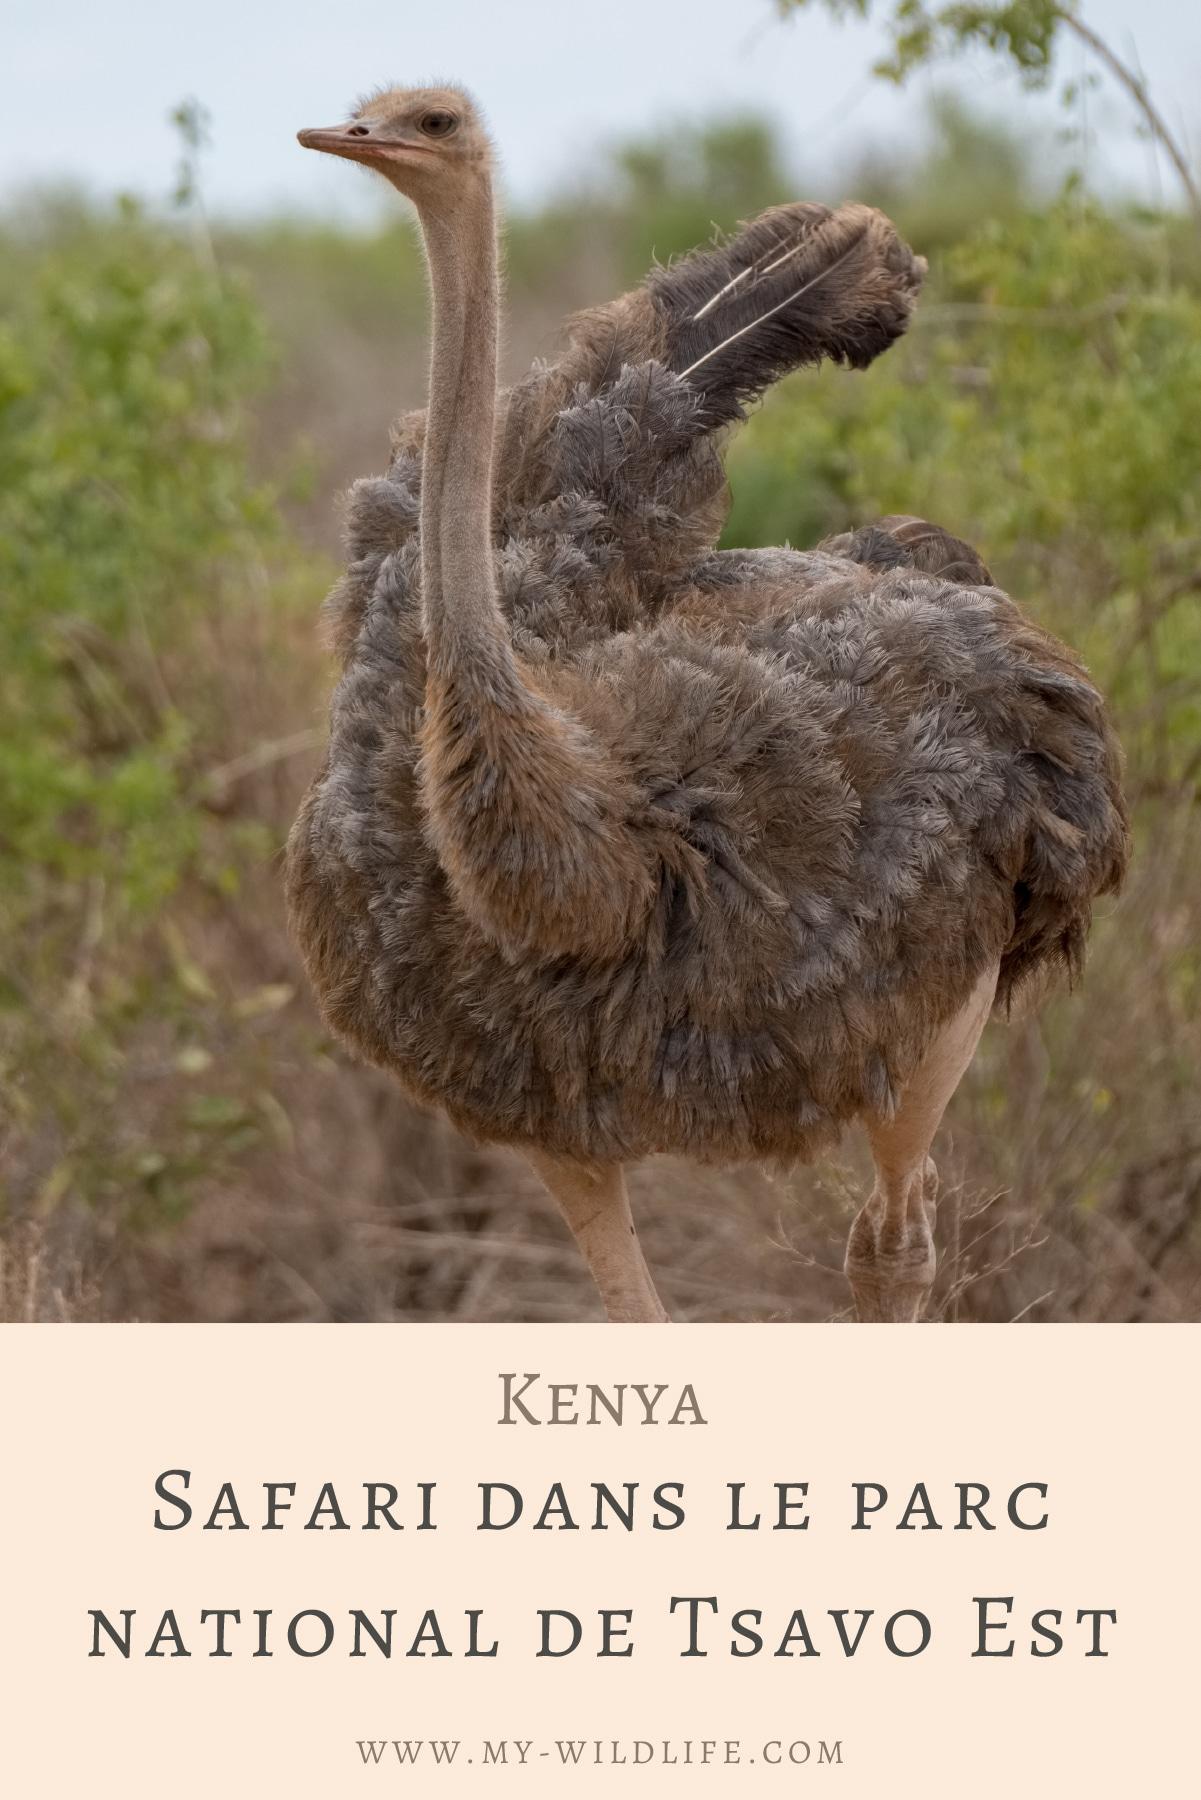 Safari-dans-le-parc-national-de-Tsavo-Est-02